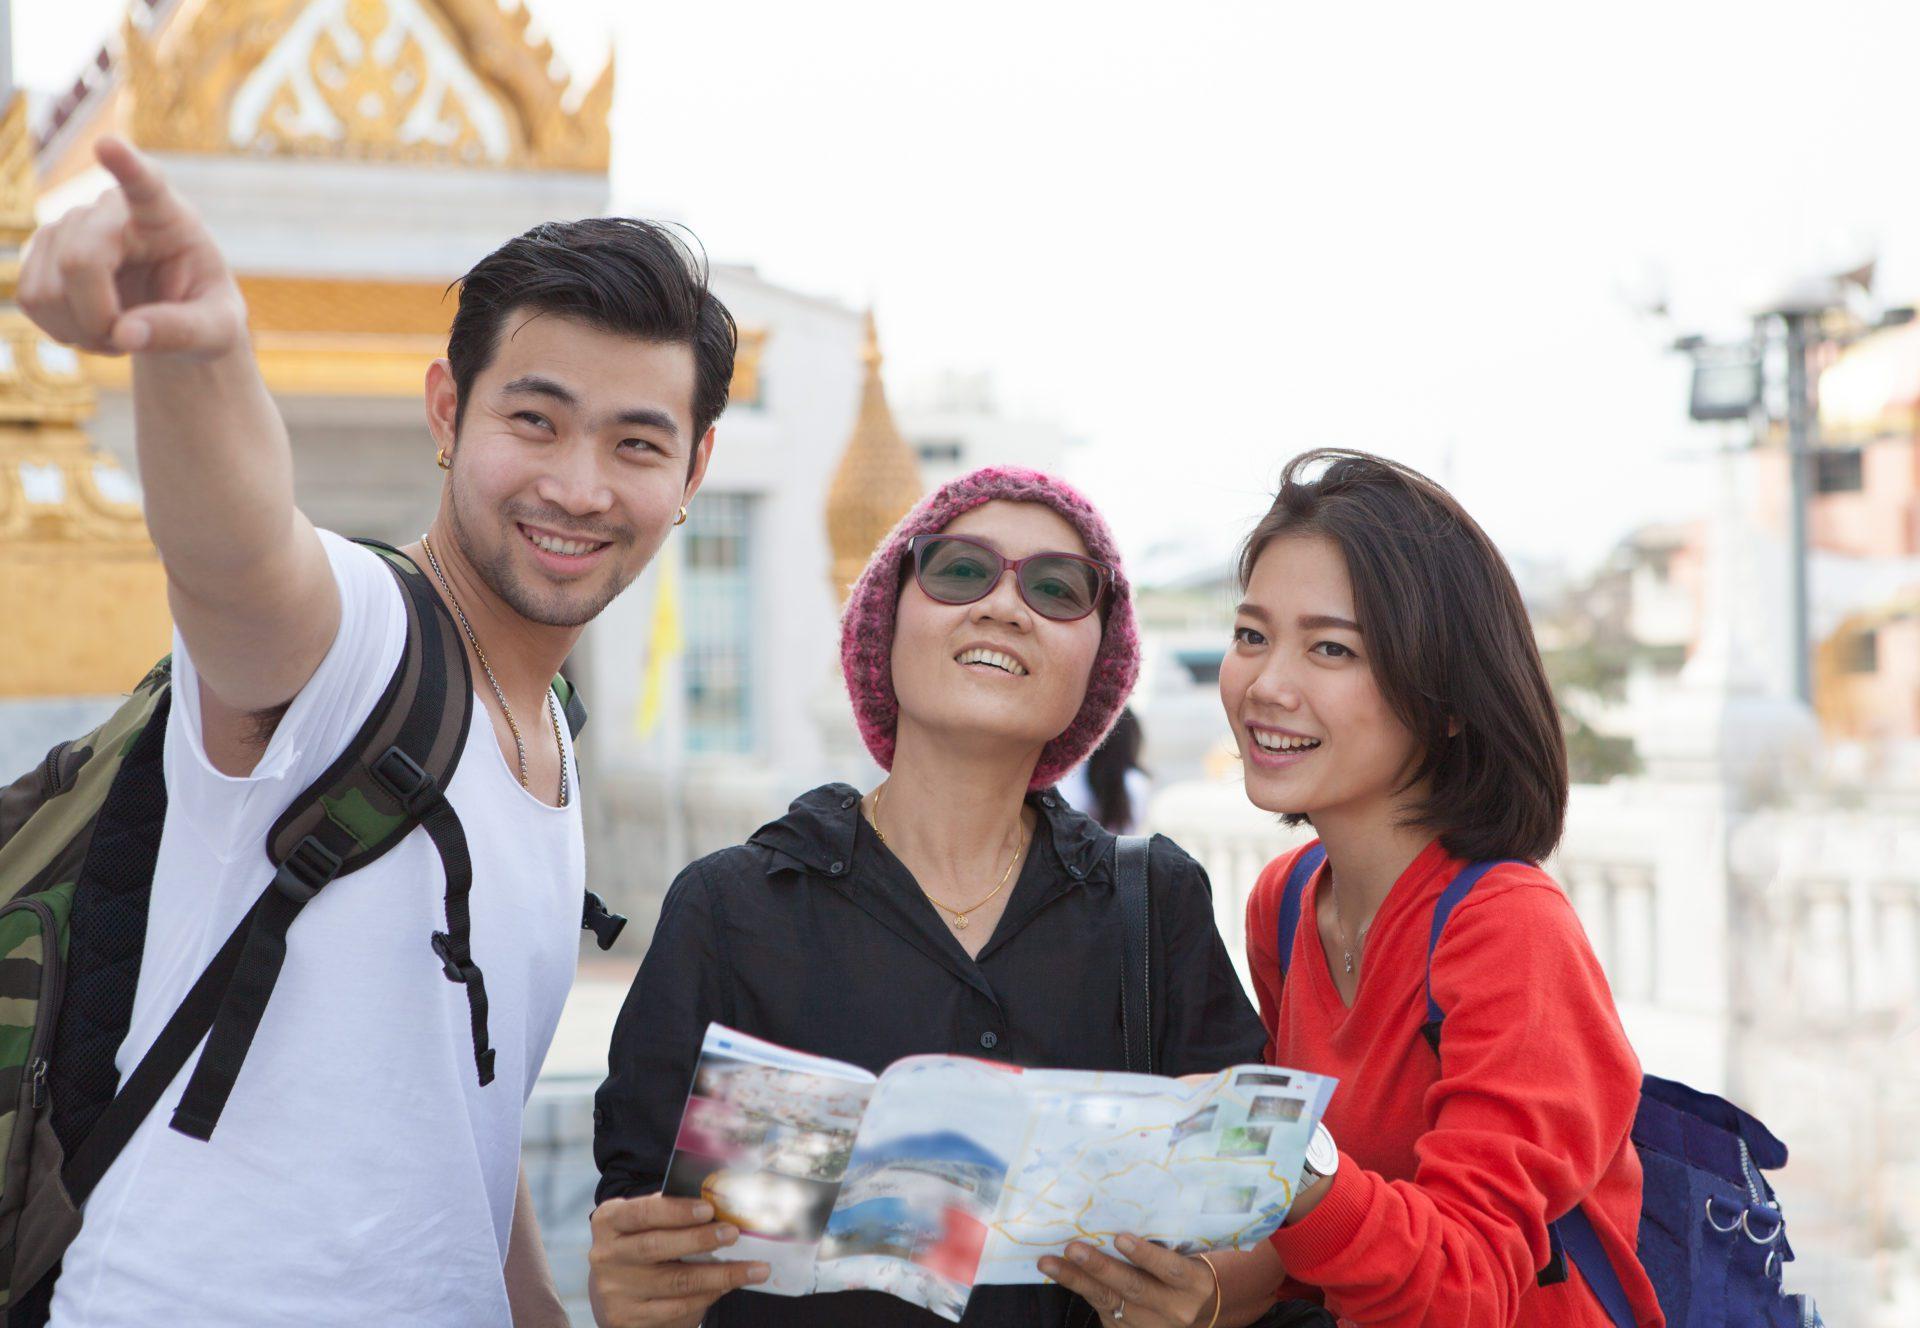 УНВТО: Се очекува пад на туризмот во светот од 70 %